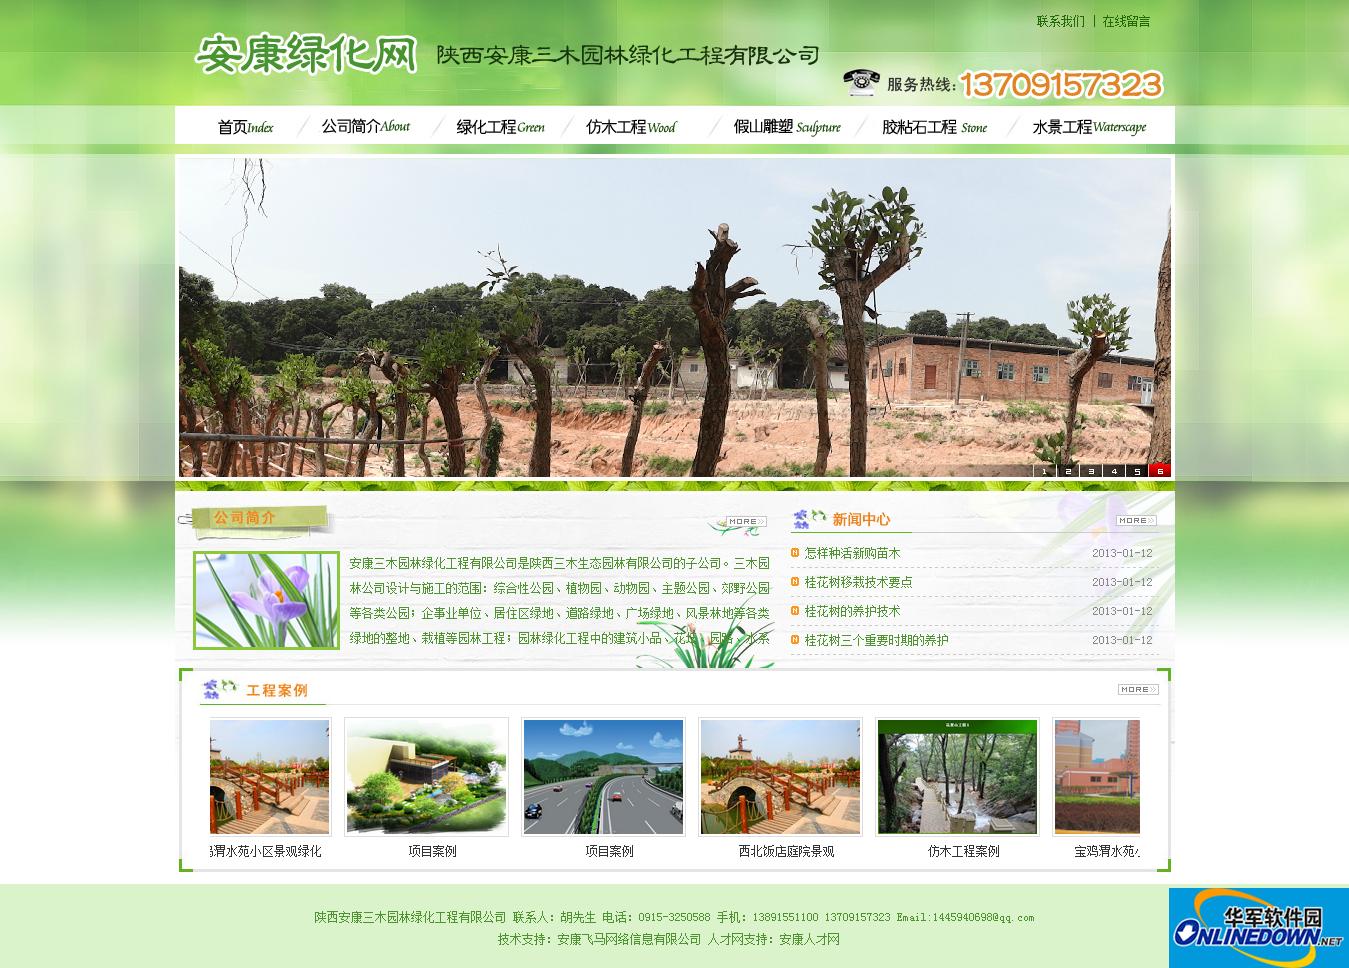 安康三木园林绿化工程有限公司企业网站源码